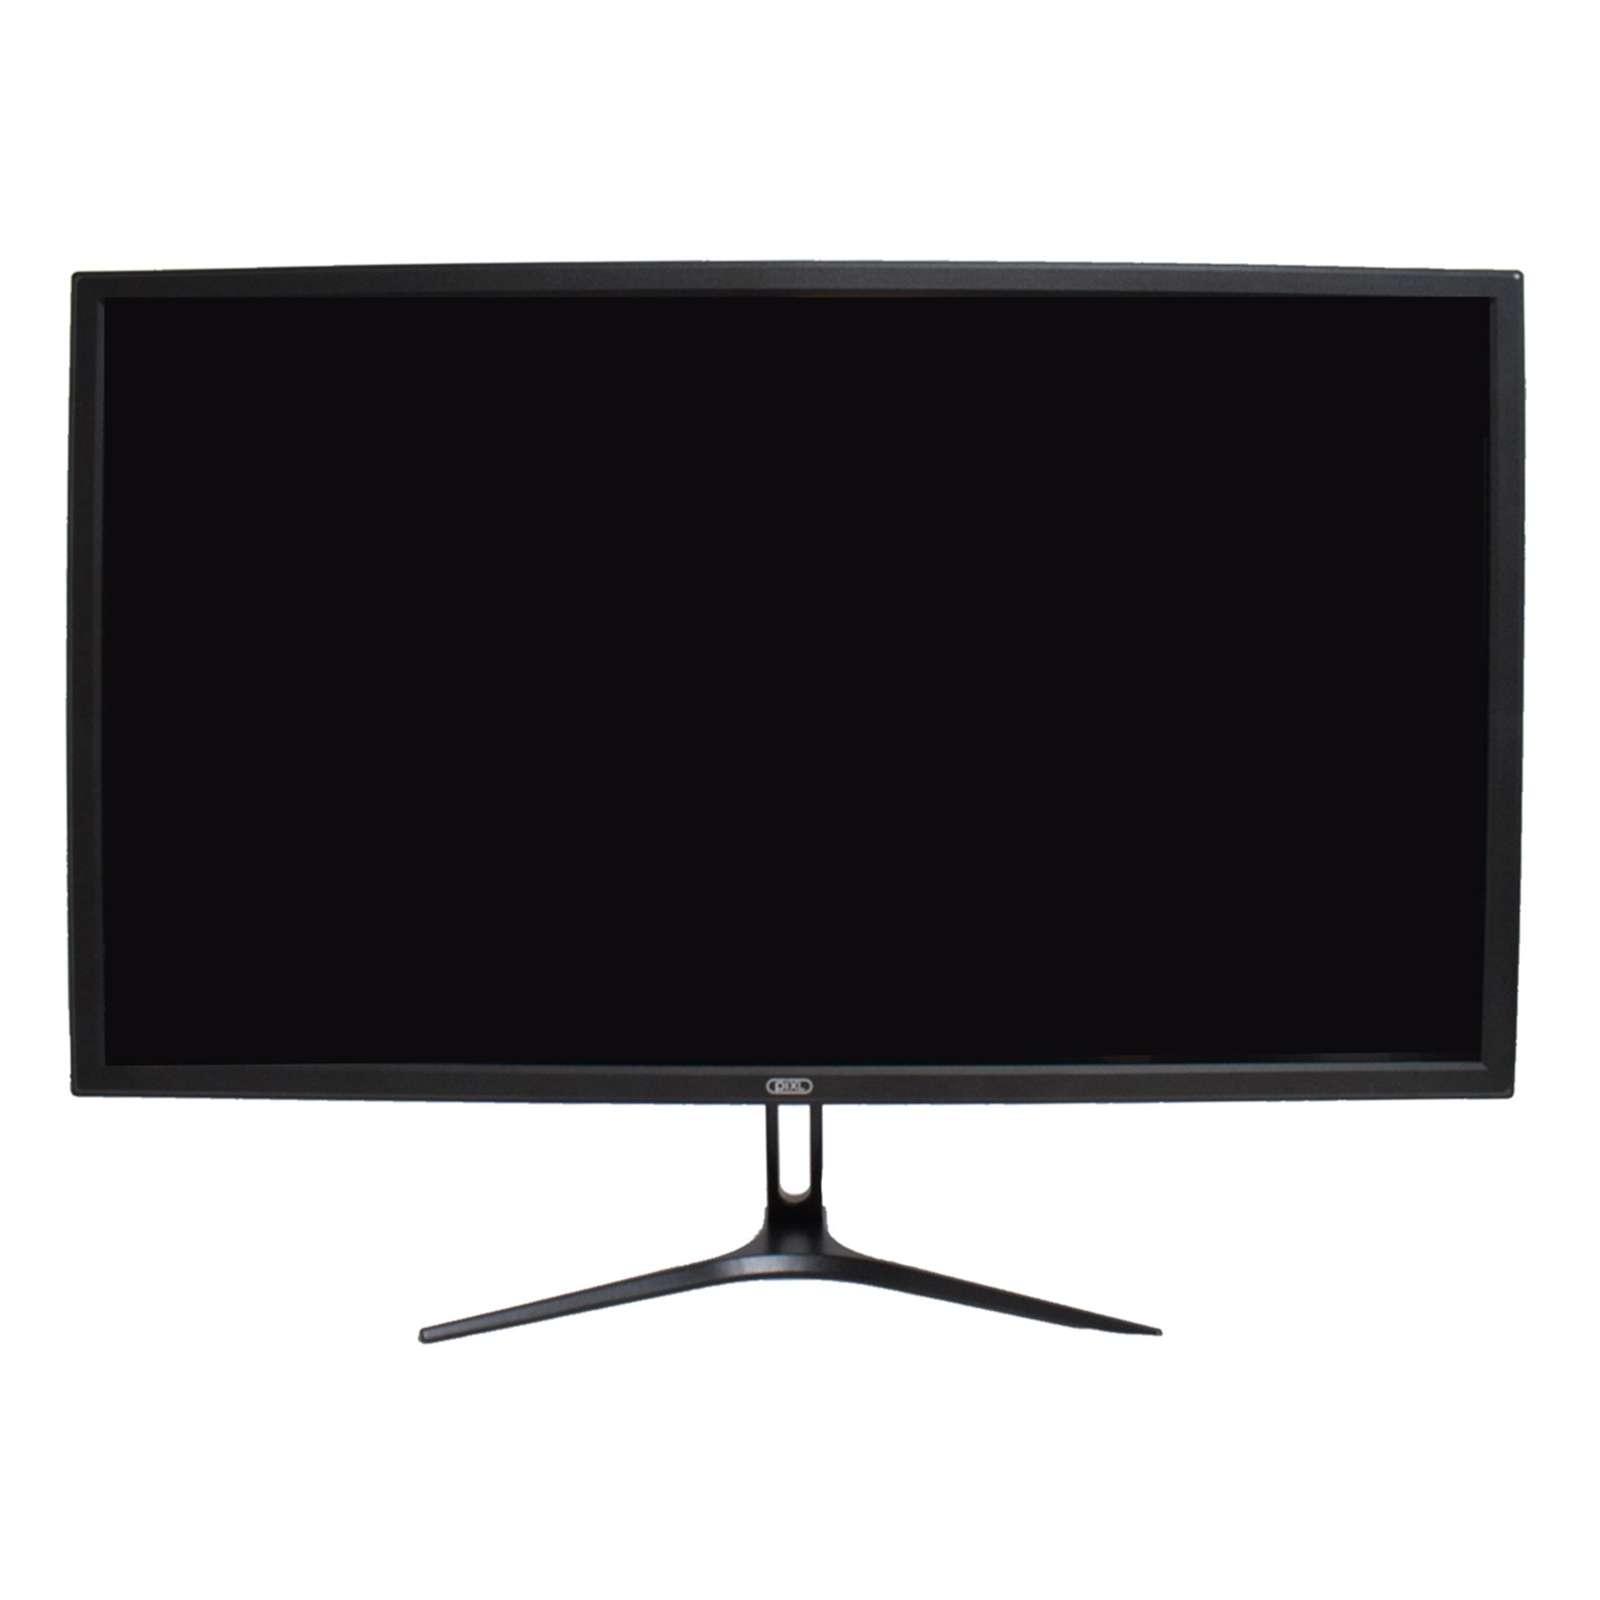 piXL 28 Inch LED Widescreen HDMI / Display Port 4K